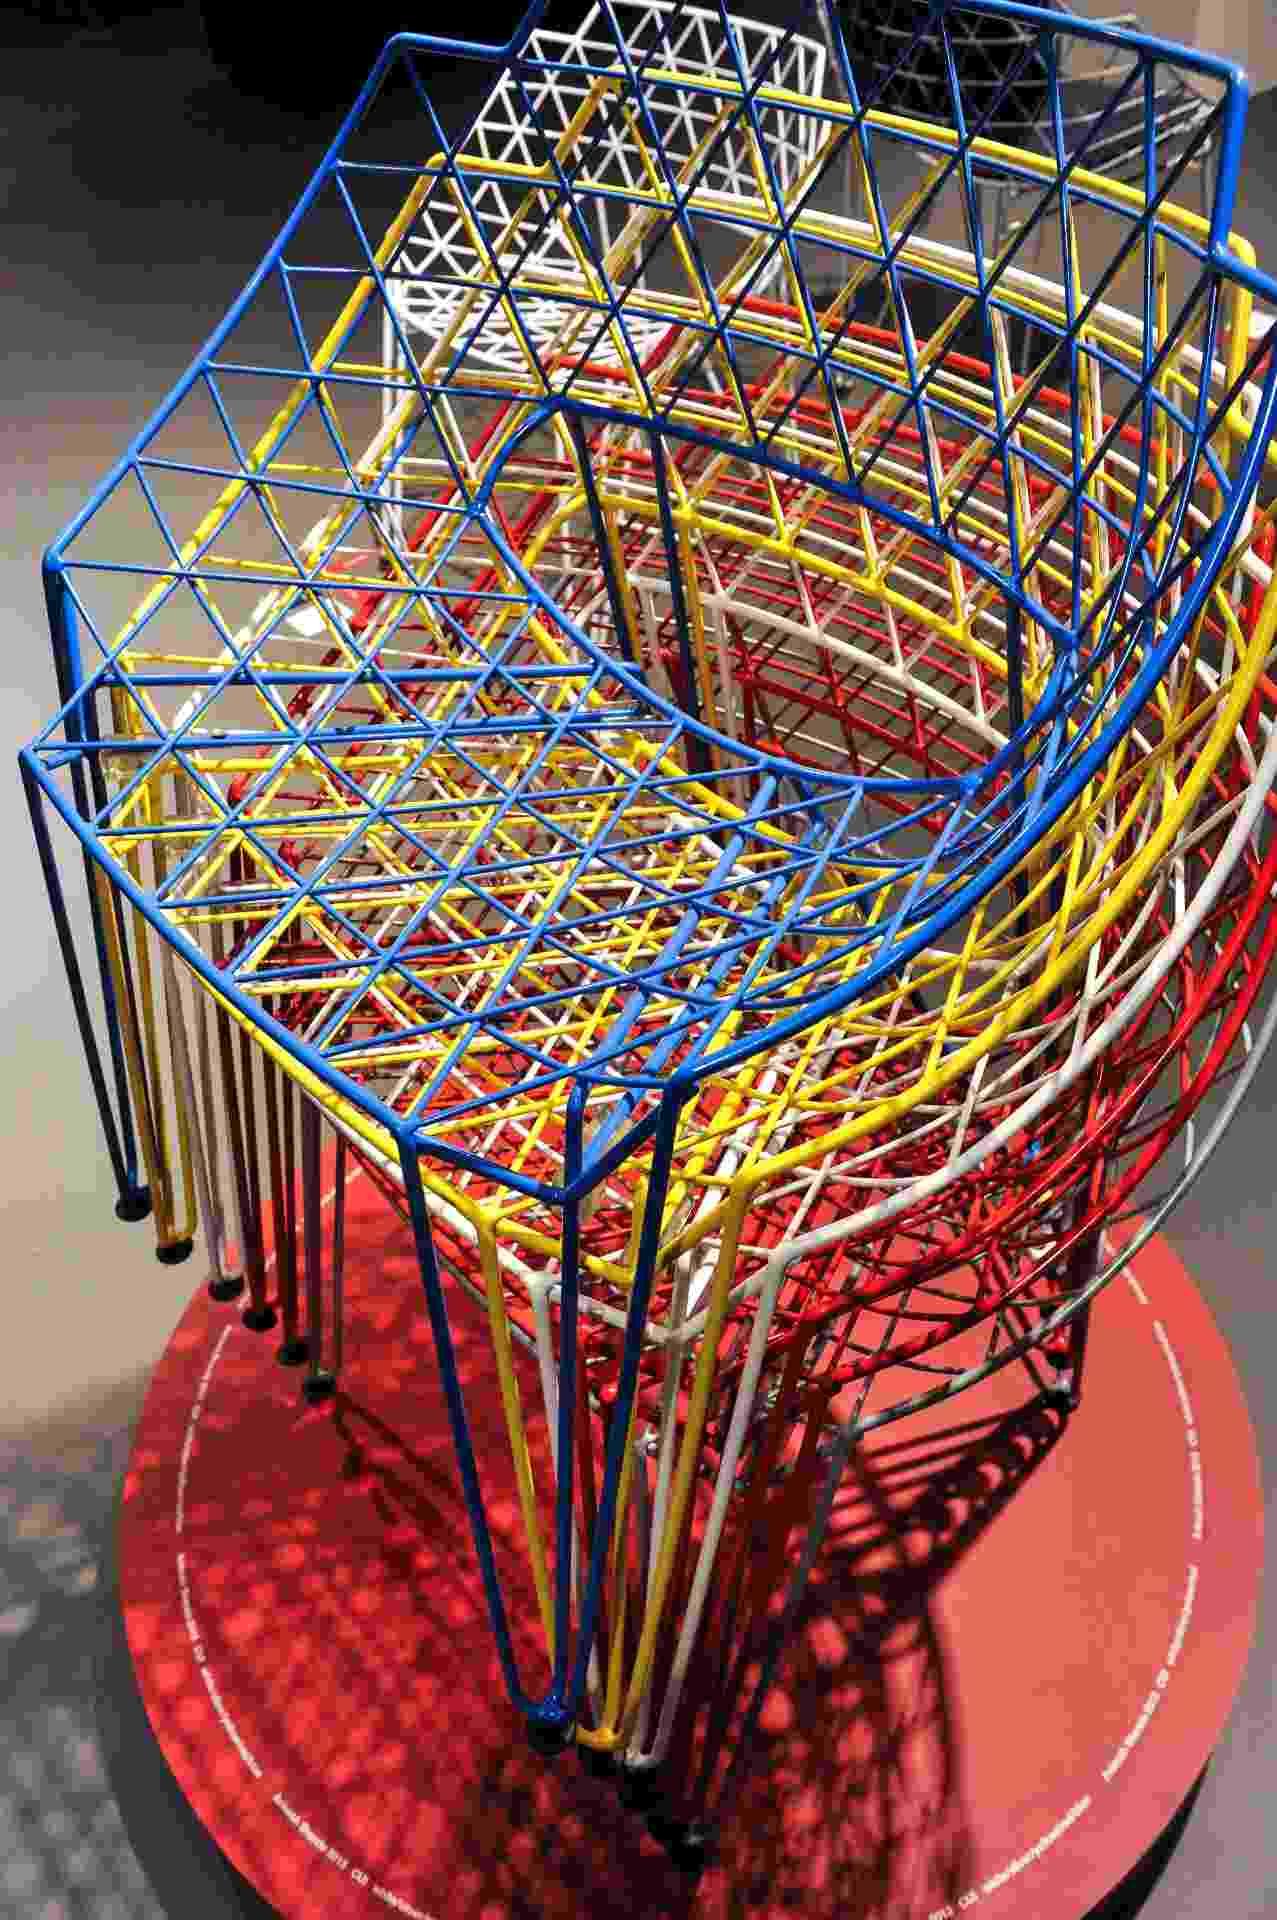 Projetada pelo indiano Avinash Shende para a alemã Wilde + Spieth (www.wilde-spieth.de), a cadeira CU! é feita de arame, em uma única peça, sem qualquer emenda. Lançada em 2013, o móvel está na lista de indicados para o Prêmio de Design Alemão de 2014 - Koelnmesse/Divulgação